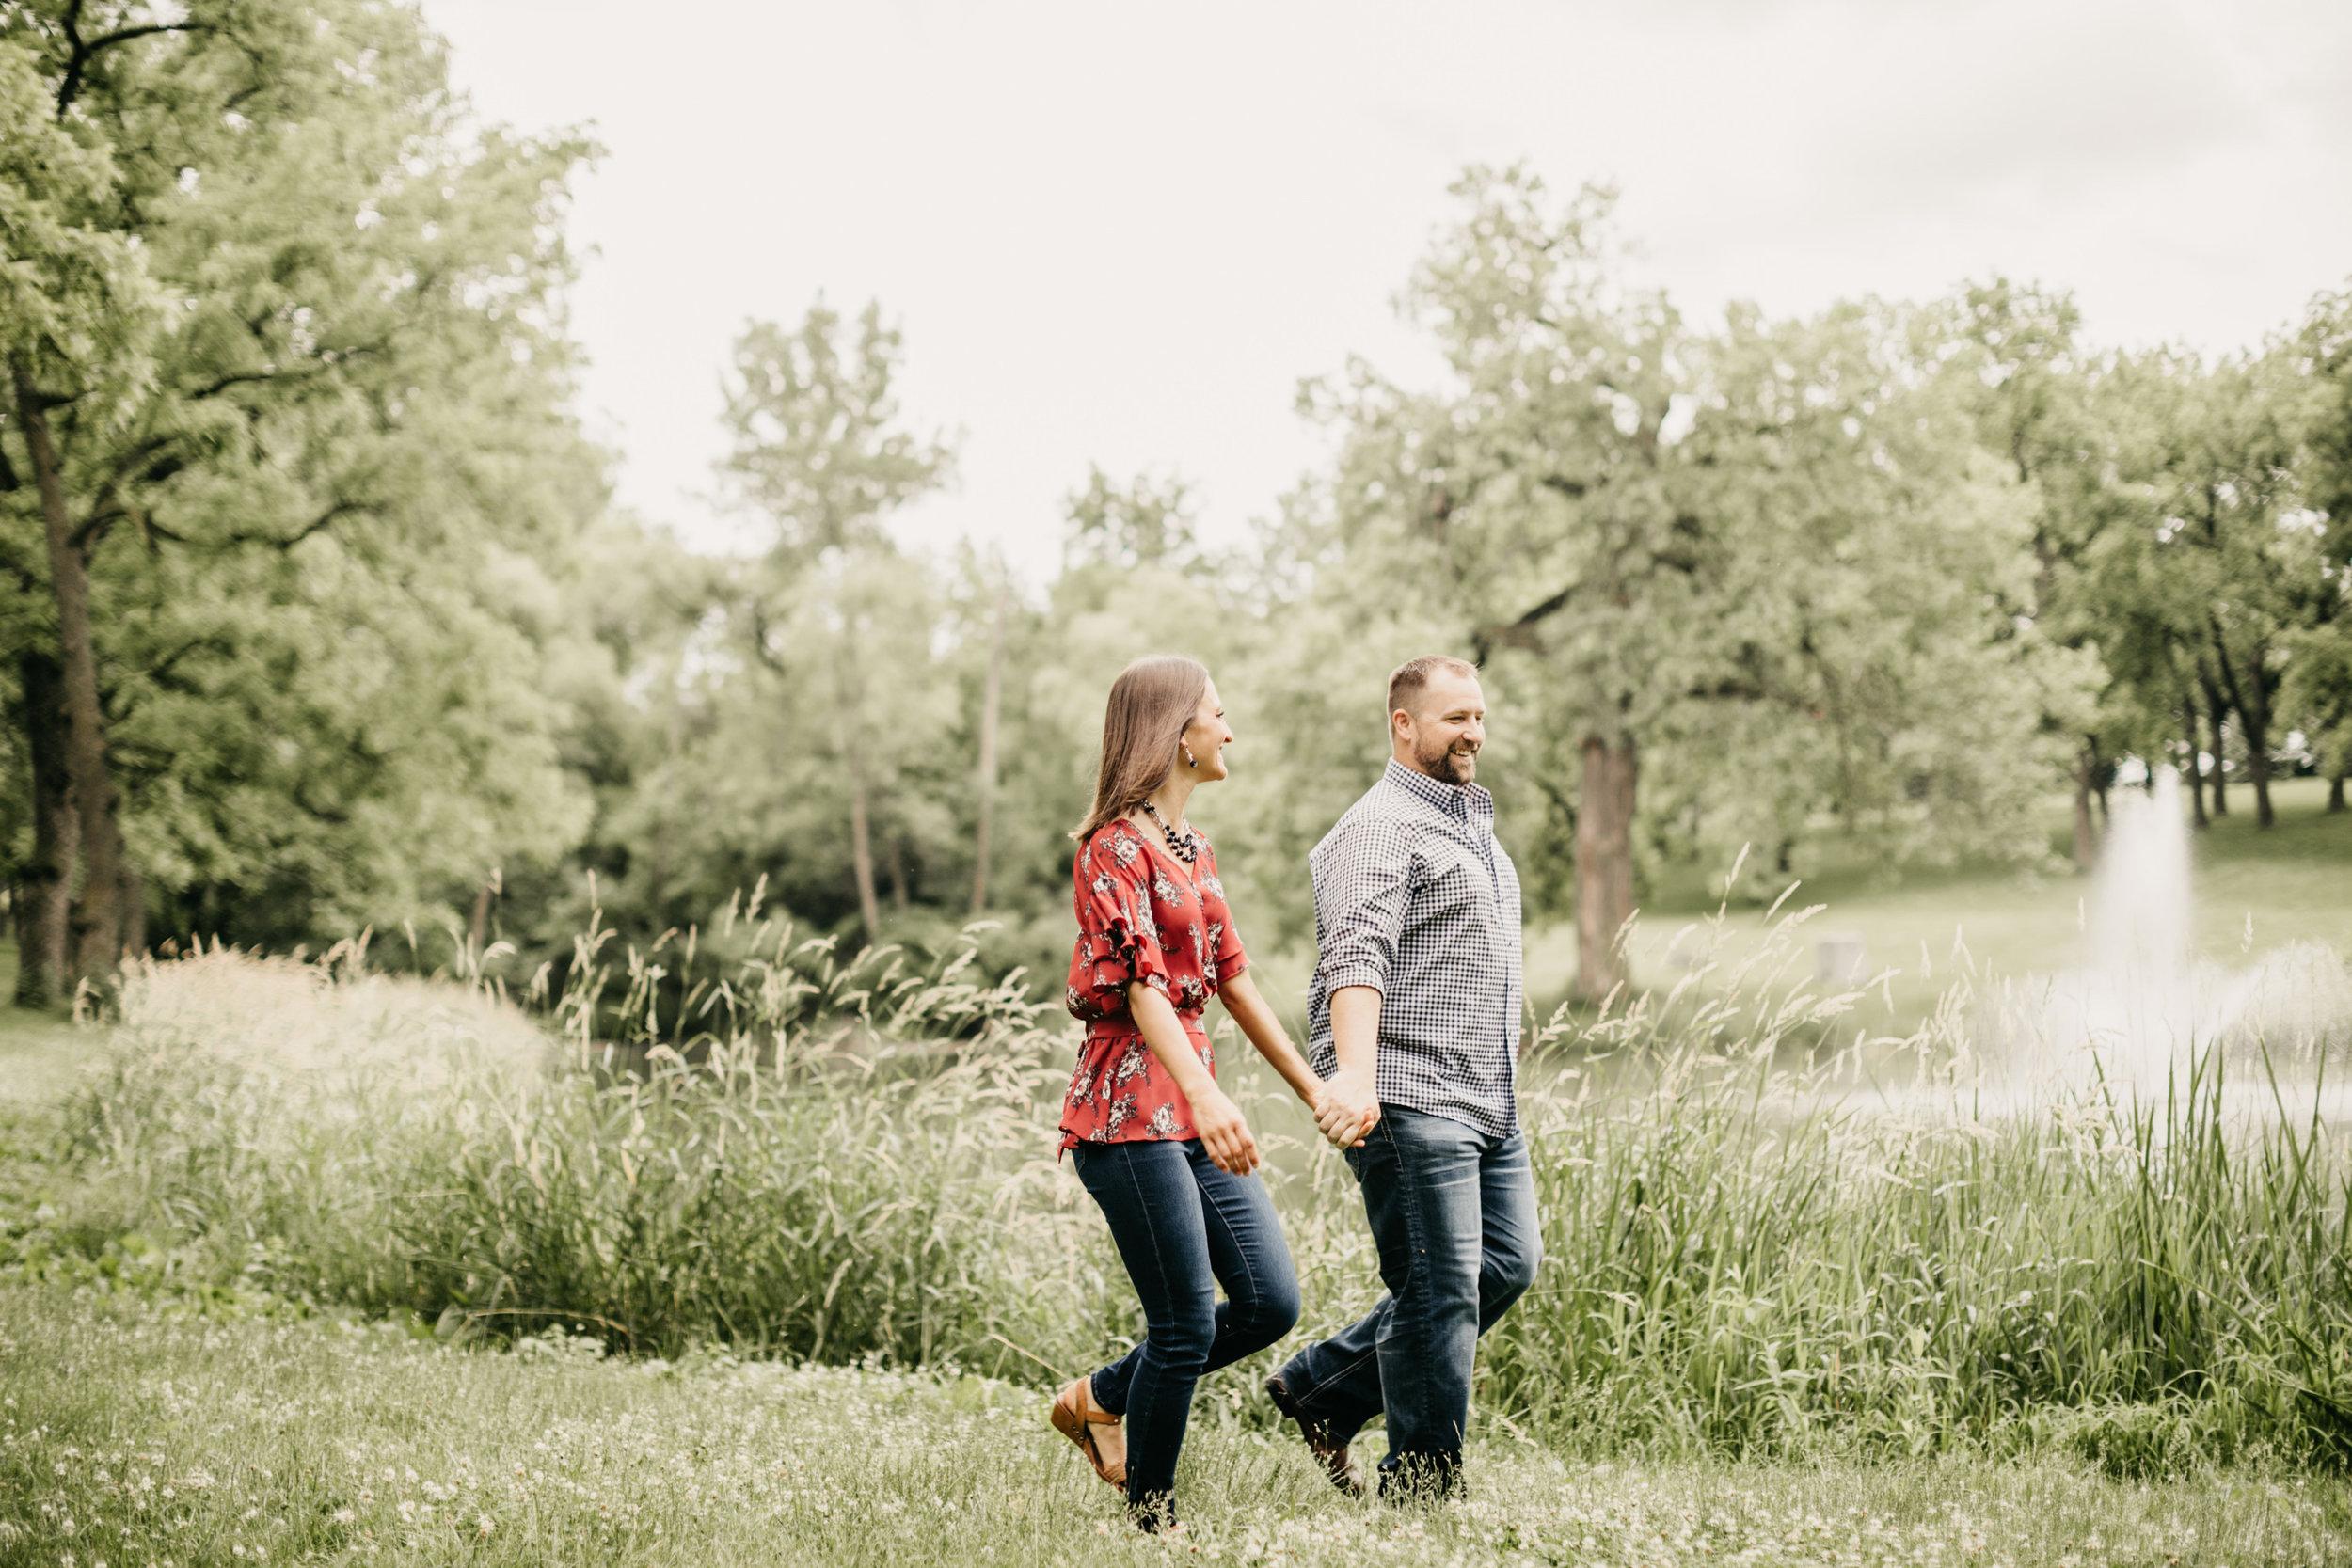 KaylaAndMichael-Engaged-49.jpg